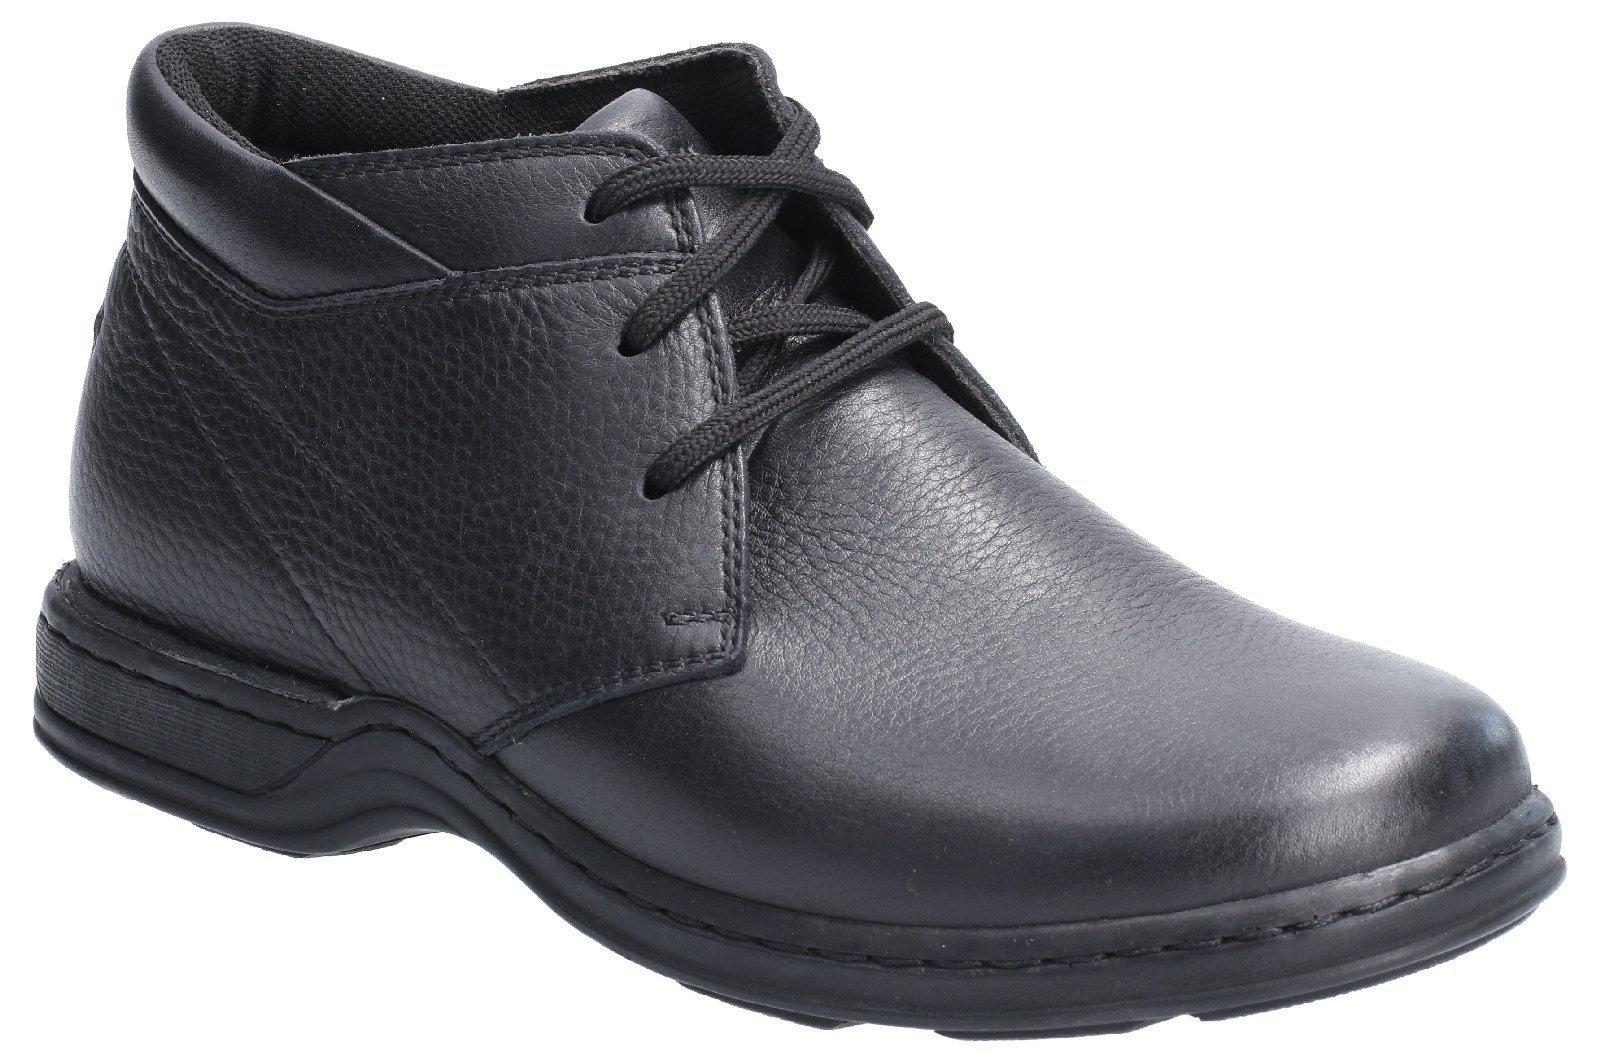 Hush Puppies Men's Reggie Lace Up Shoe Various Colours 29171 - Black 6